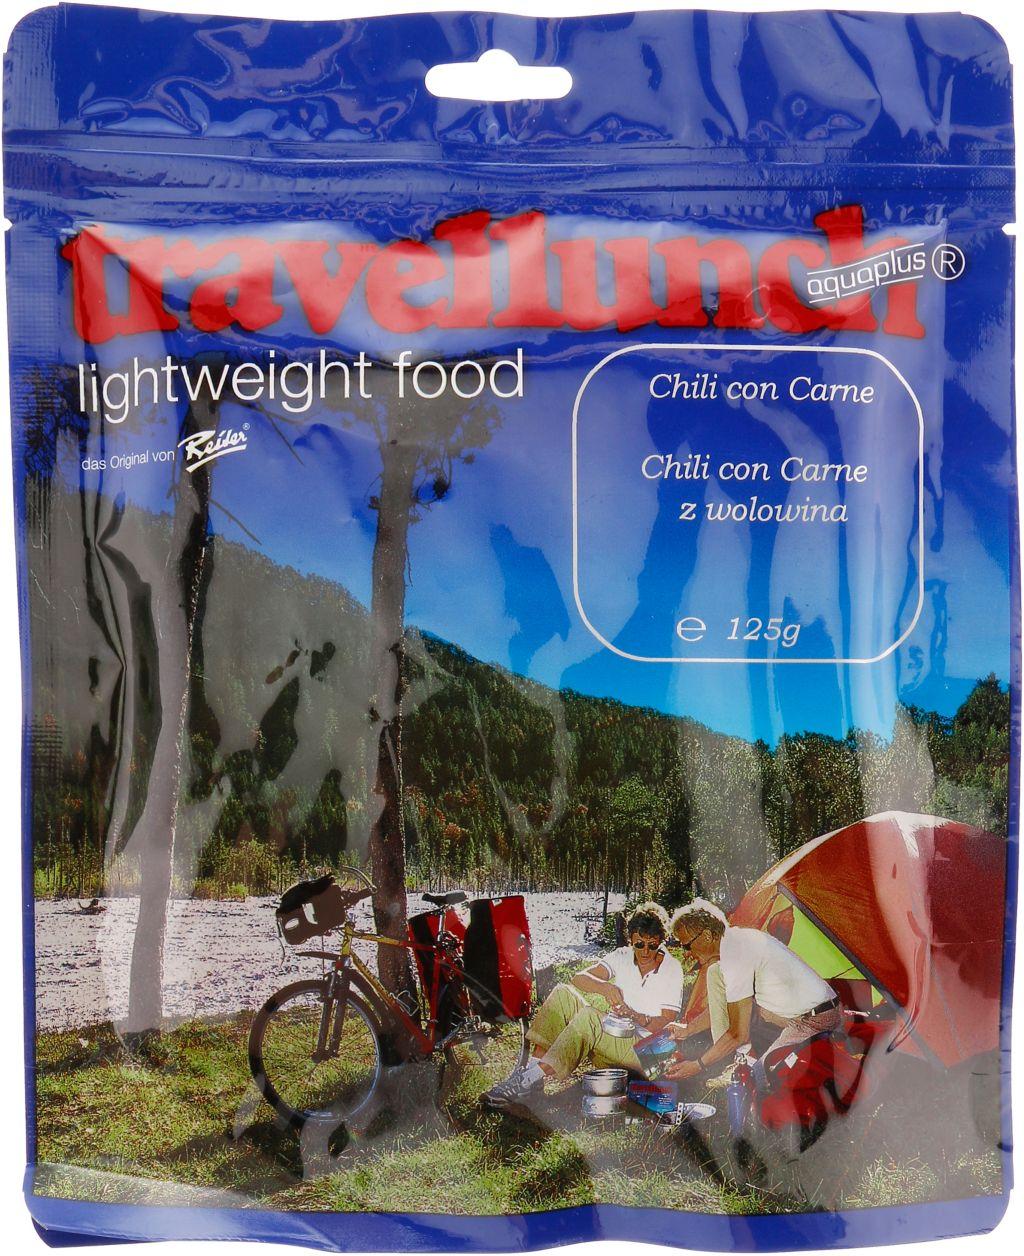 Bild Travellunch Chili Con Carne Trekkingnahrung